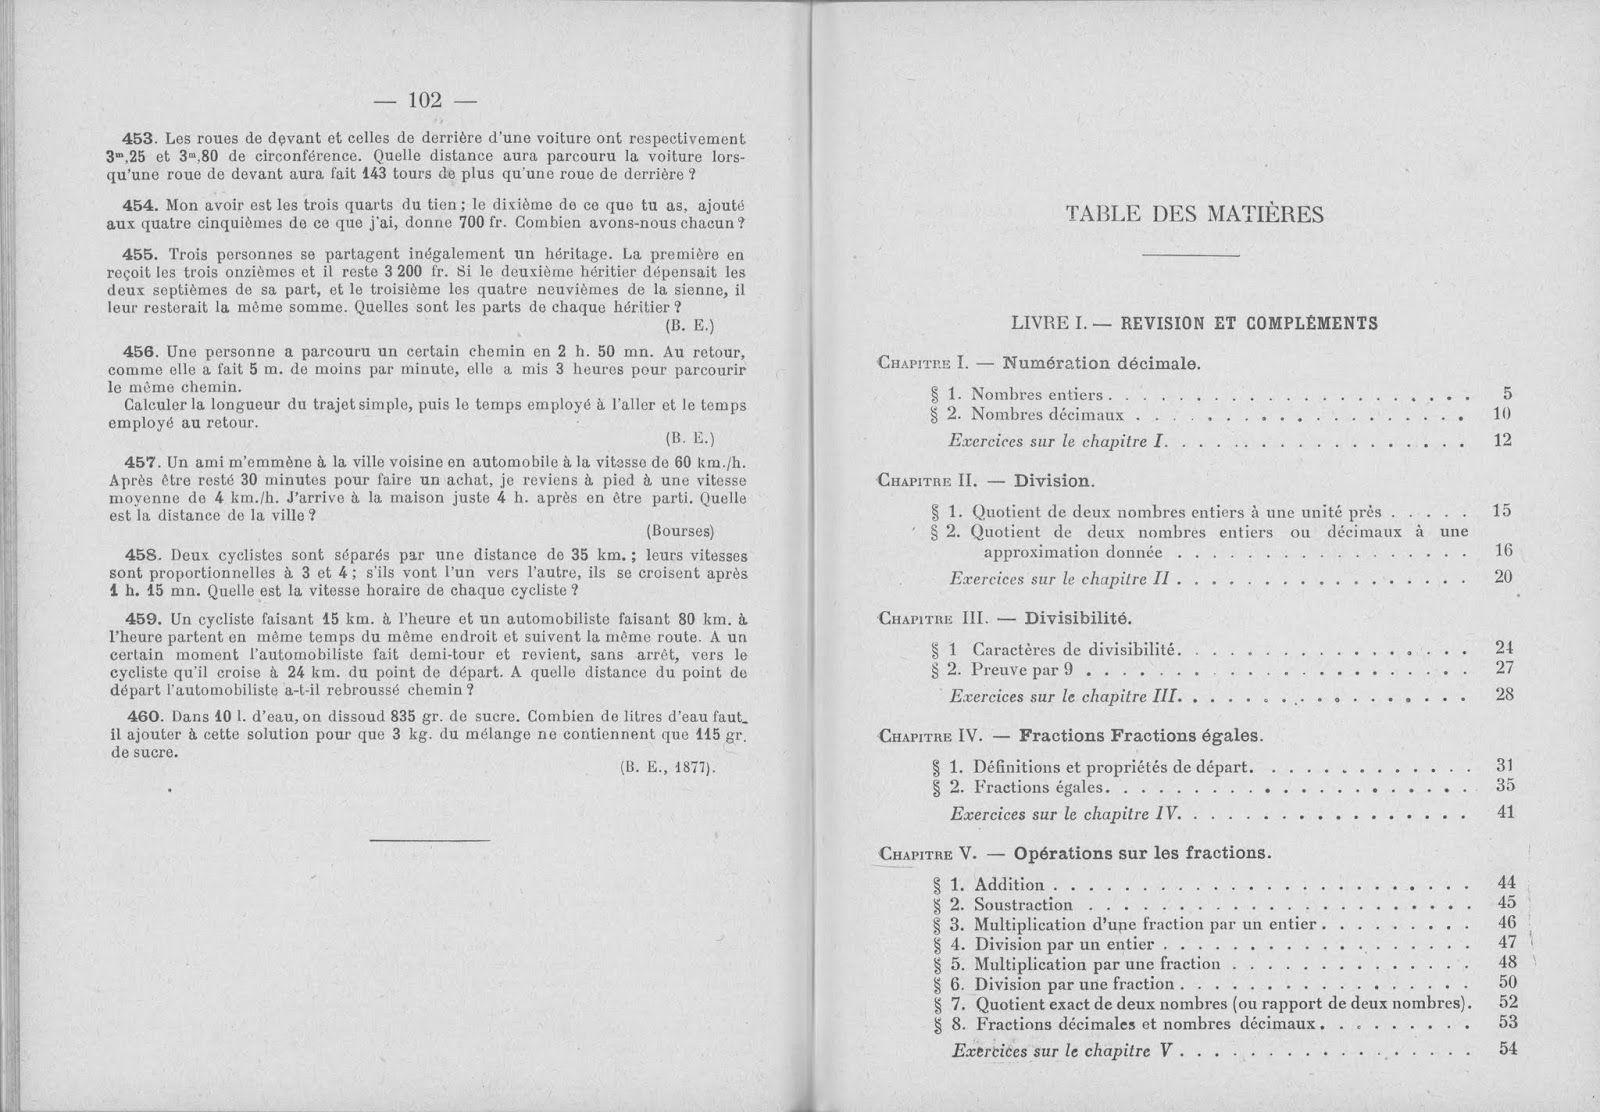 Brachet Dumarque Arithmetique Algebre Geometrie Cinquieme 1re Annee D Enseignement Primaire Superieur 1939 Grandes Images Algebre Arithmetique Enseignement Primaire